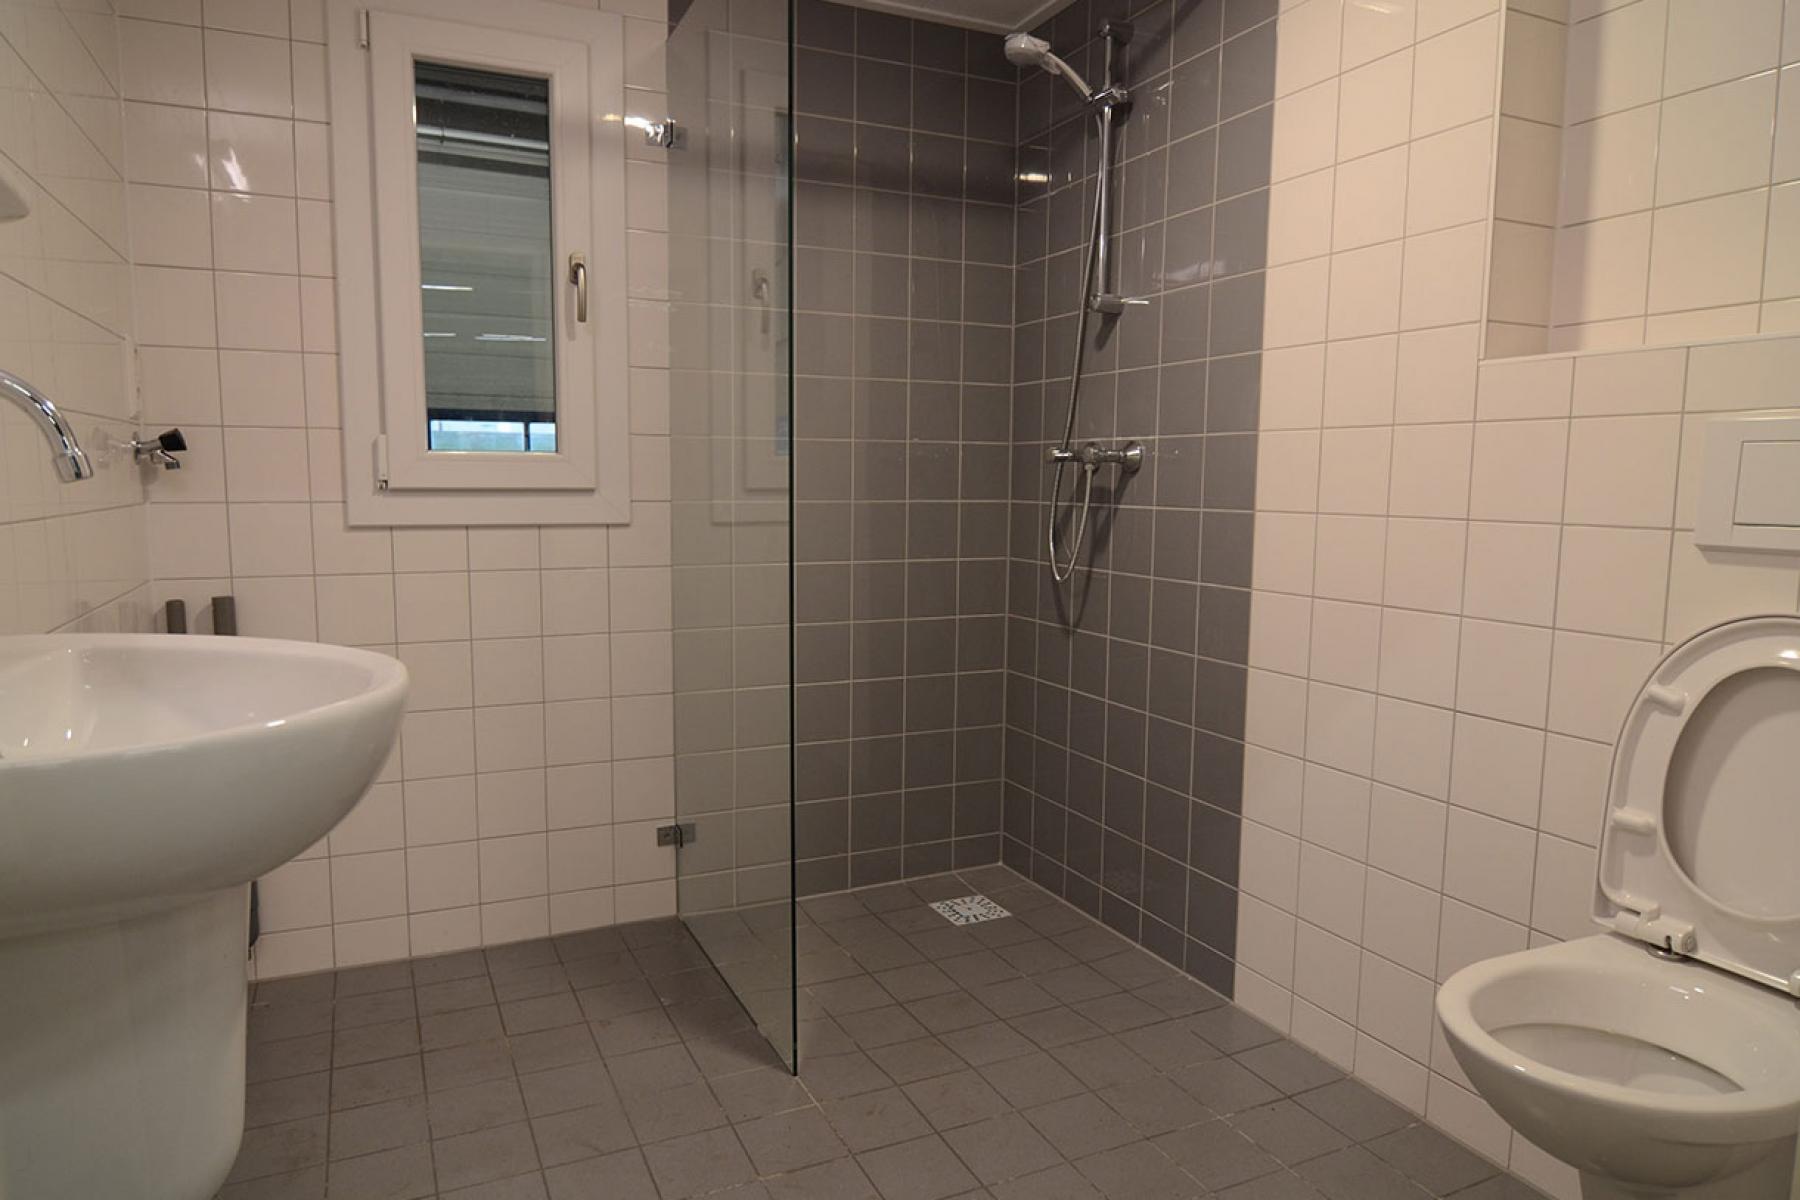 Snelle Renovatie Badkamer : Slimrenoveren.nl u003e ontwikkeling bum